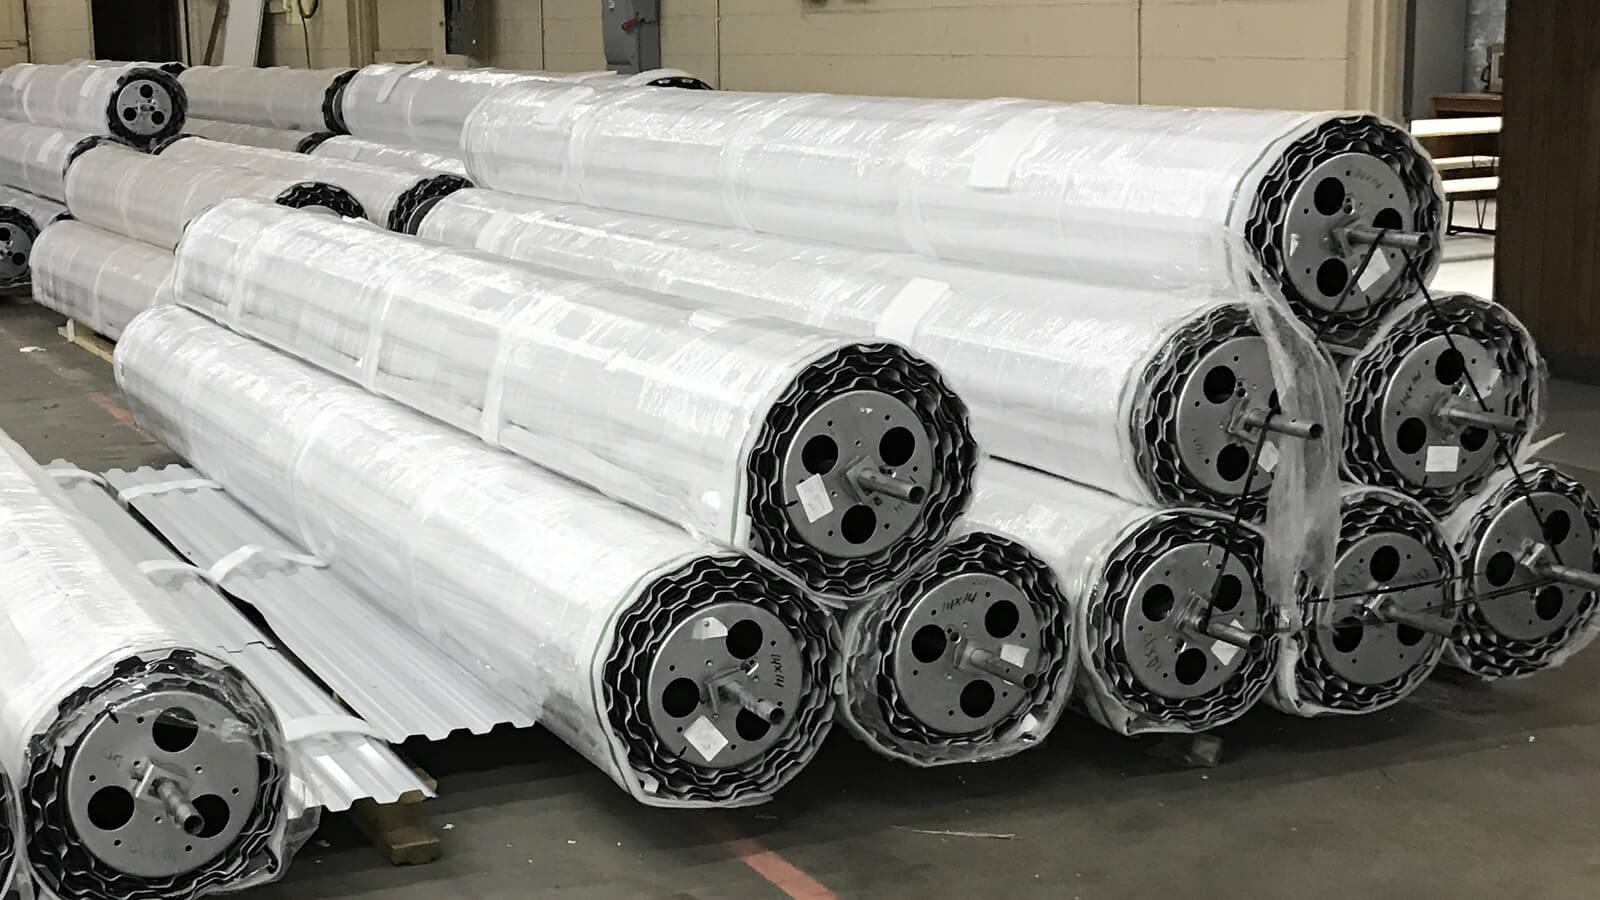 6u2032 X 6u2032 Certified Roll Up Door